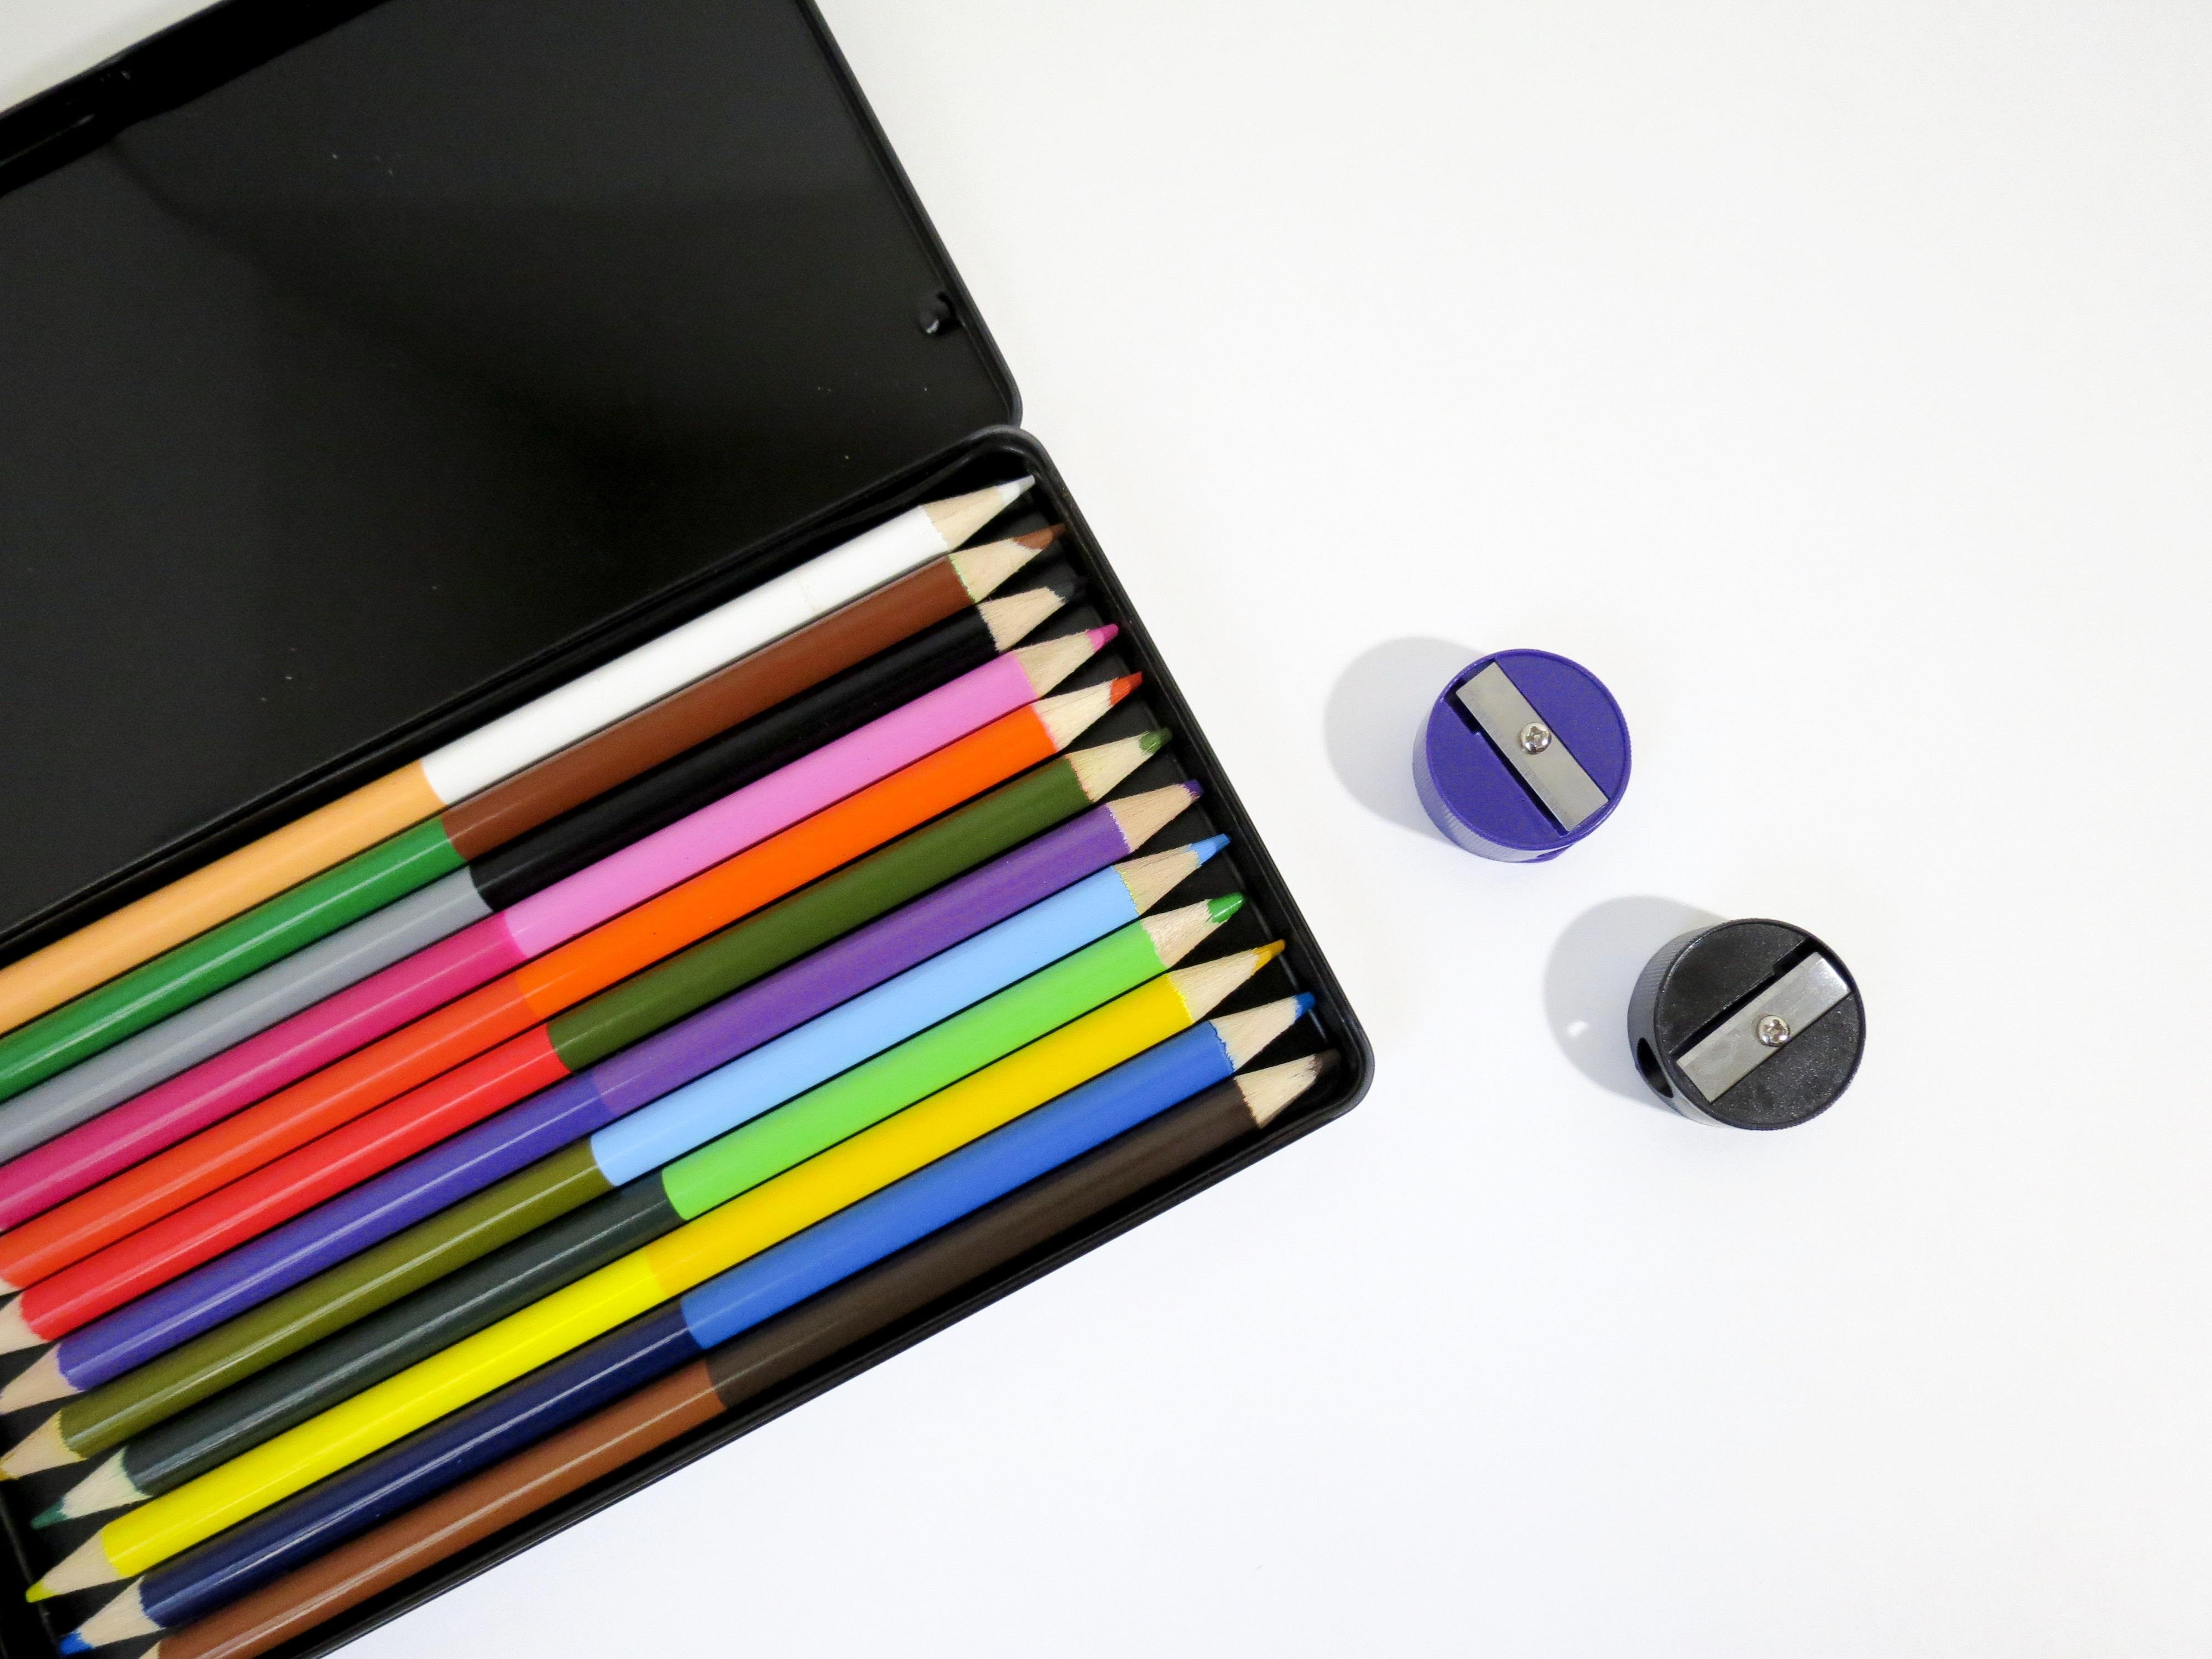 Hình ảnh Bút Chì Trắng Họa Sĩ Cái Hộp đầy Màu Sắc